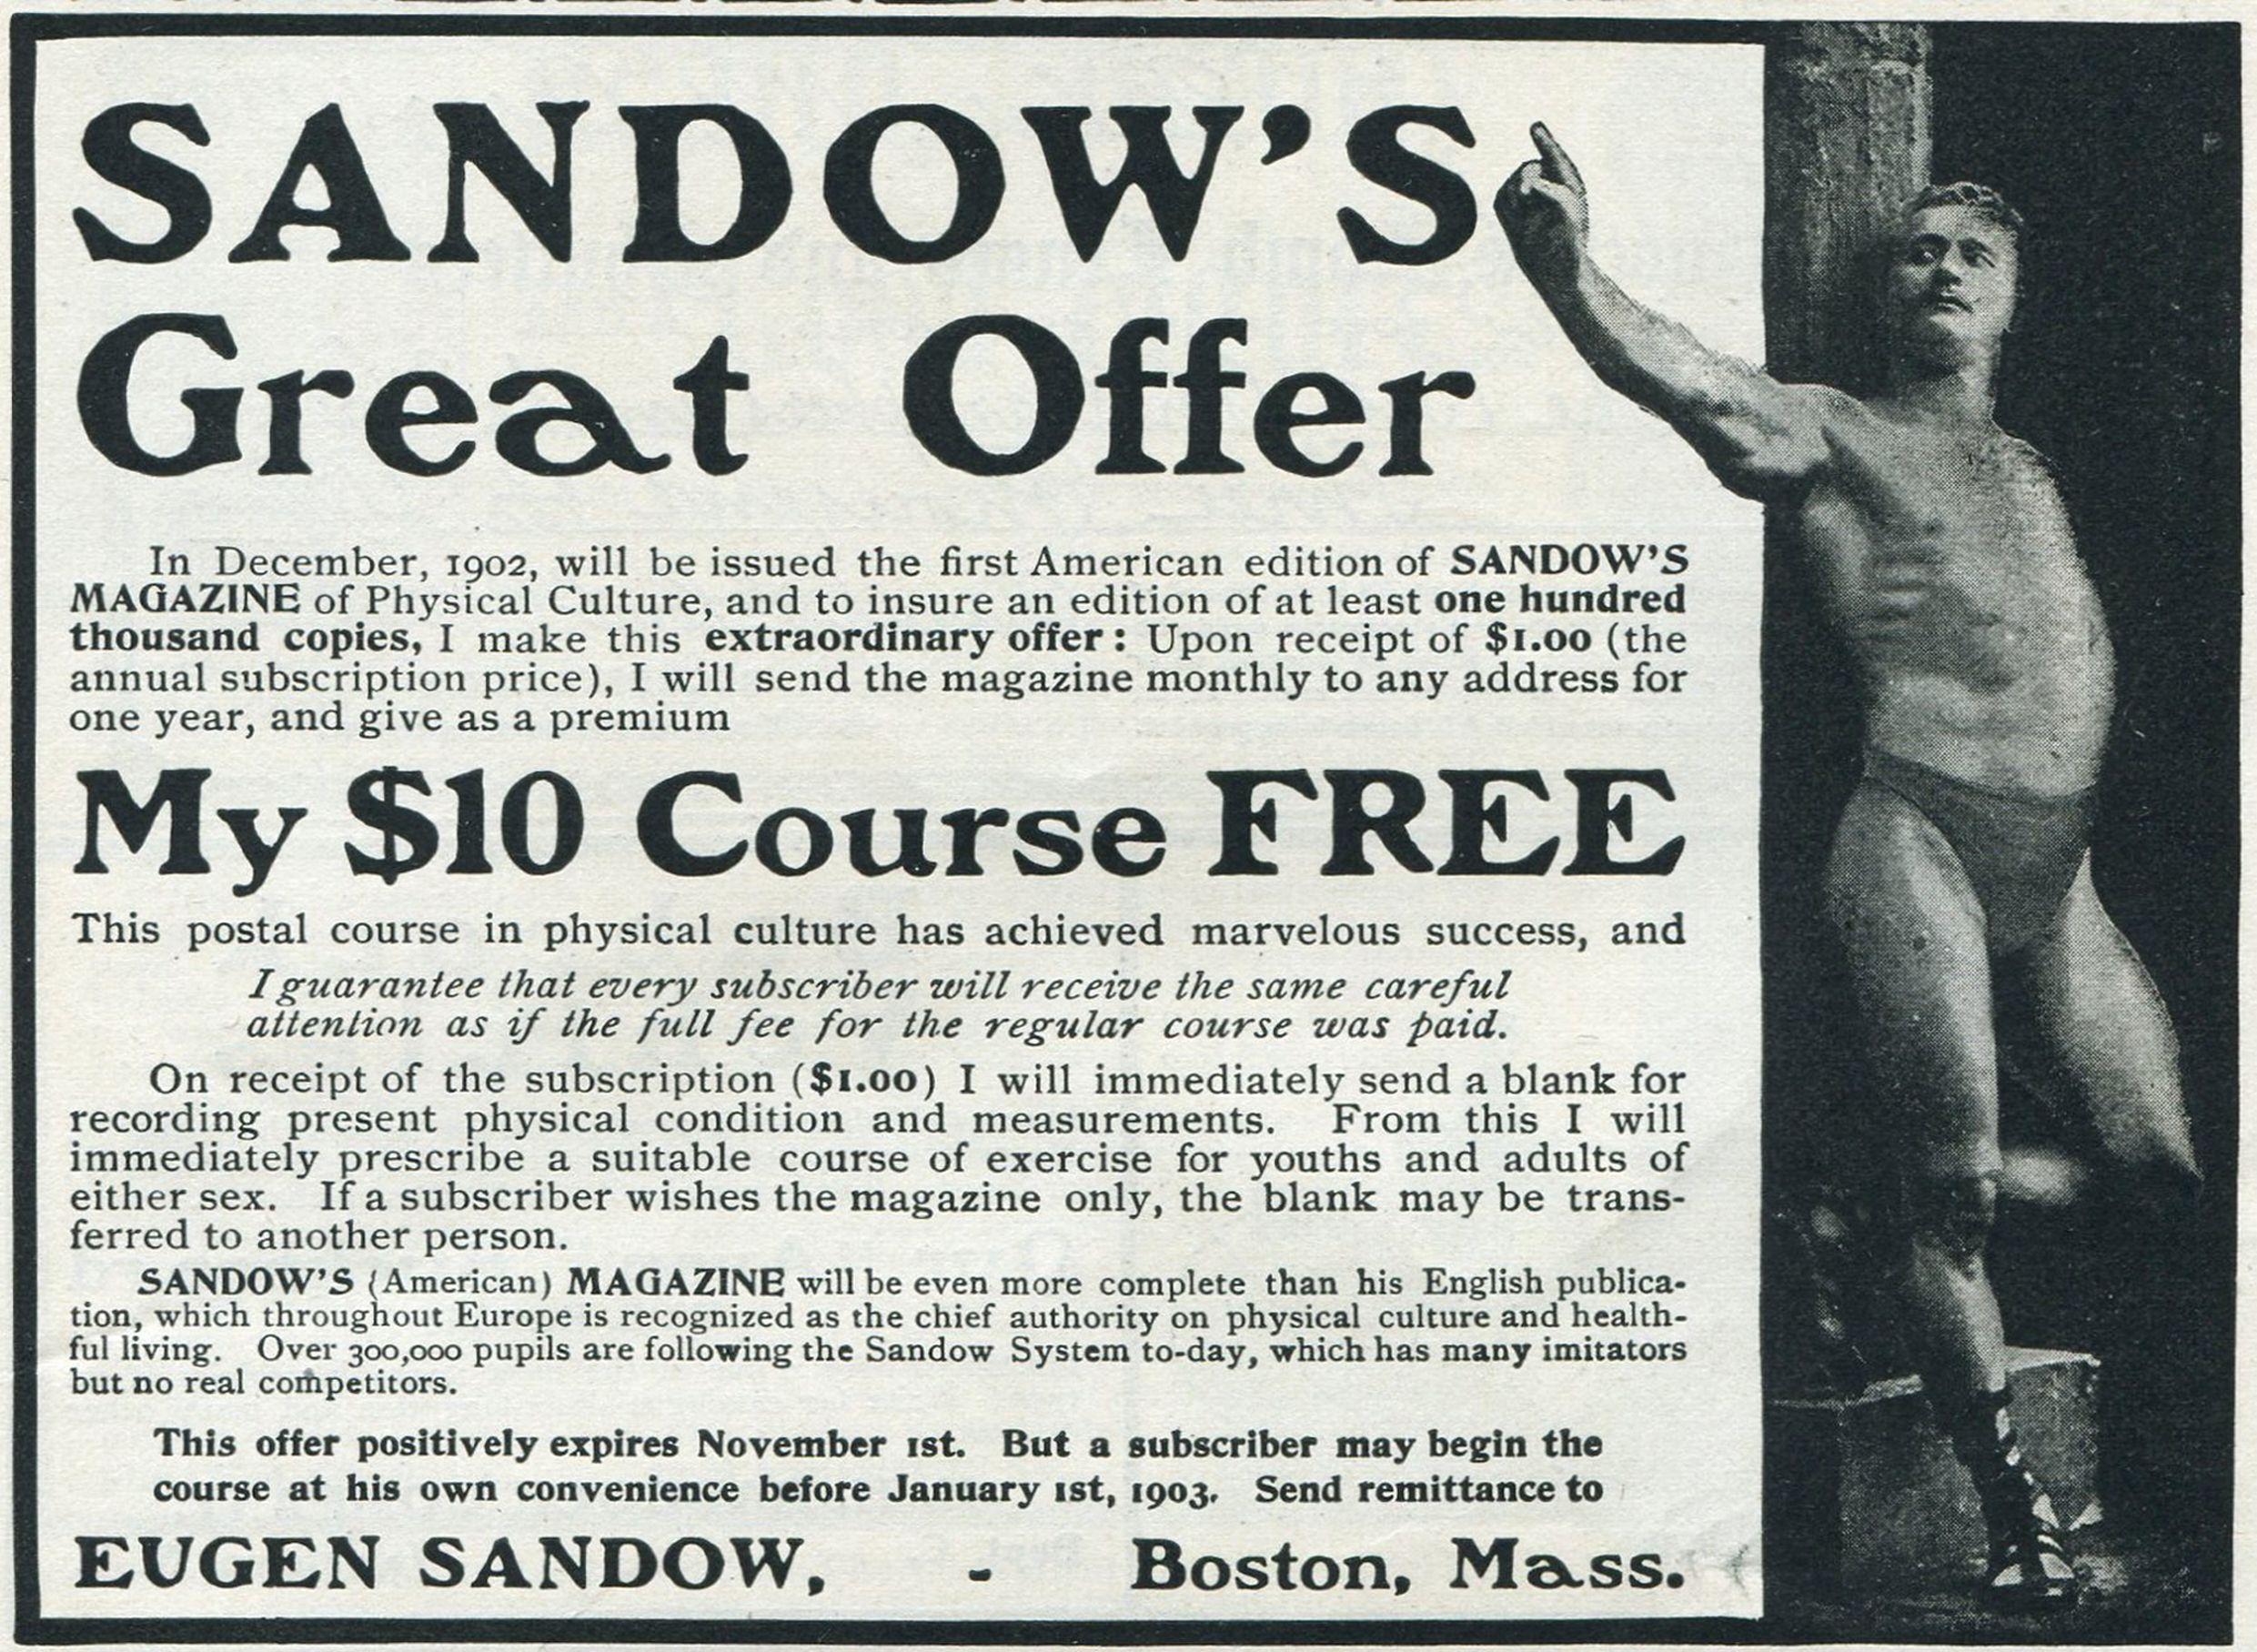 Eugen Sandow's magazine